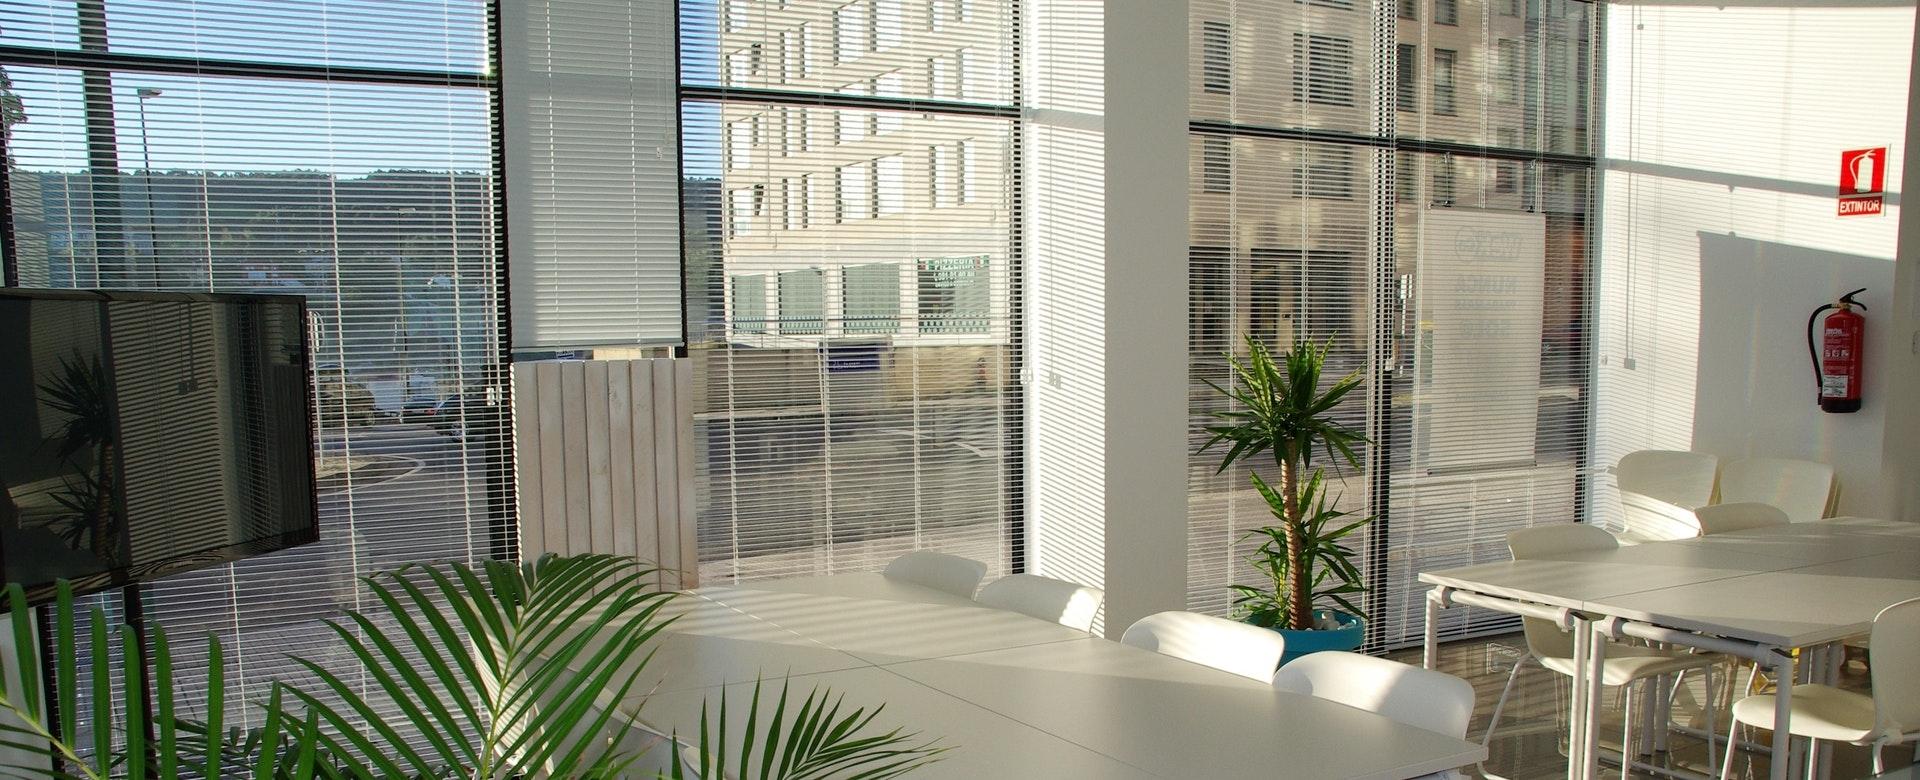 adentro_apartamento_arquitectura_221537.jpg